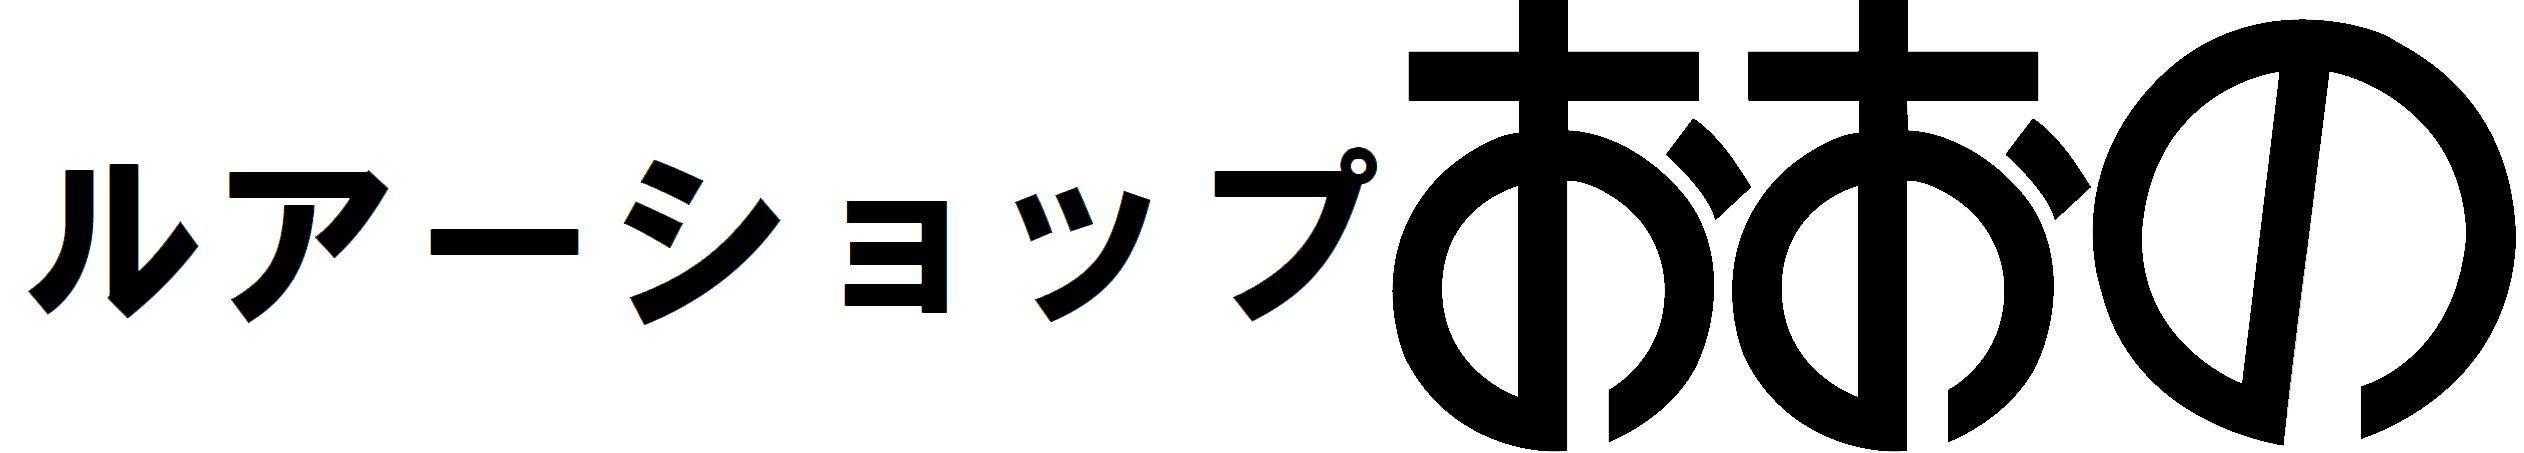 [雷魚]ラッティーツイスター 20周年記念 Stone Handle 2020 ご予約お受付中です。_a0153216_19484704.jpg